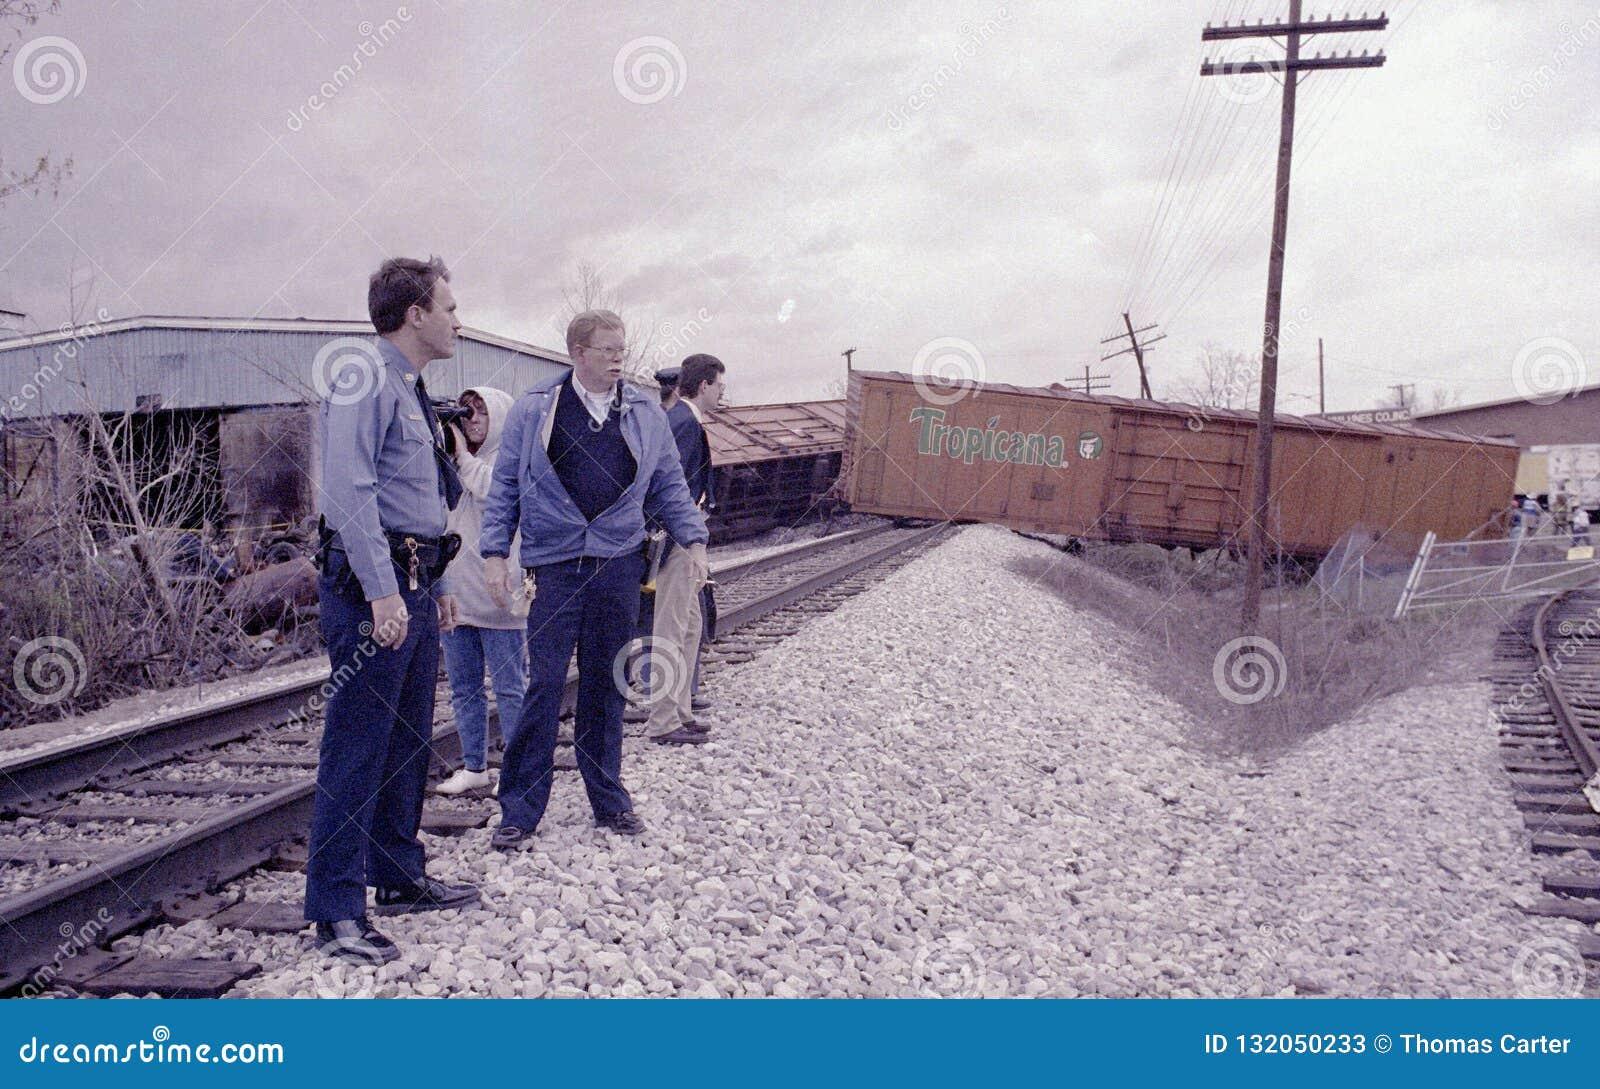 La police examine un déraillement de train